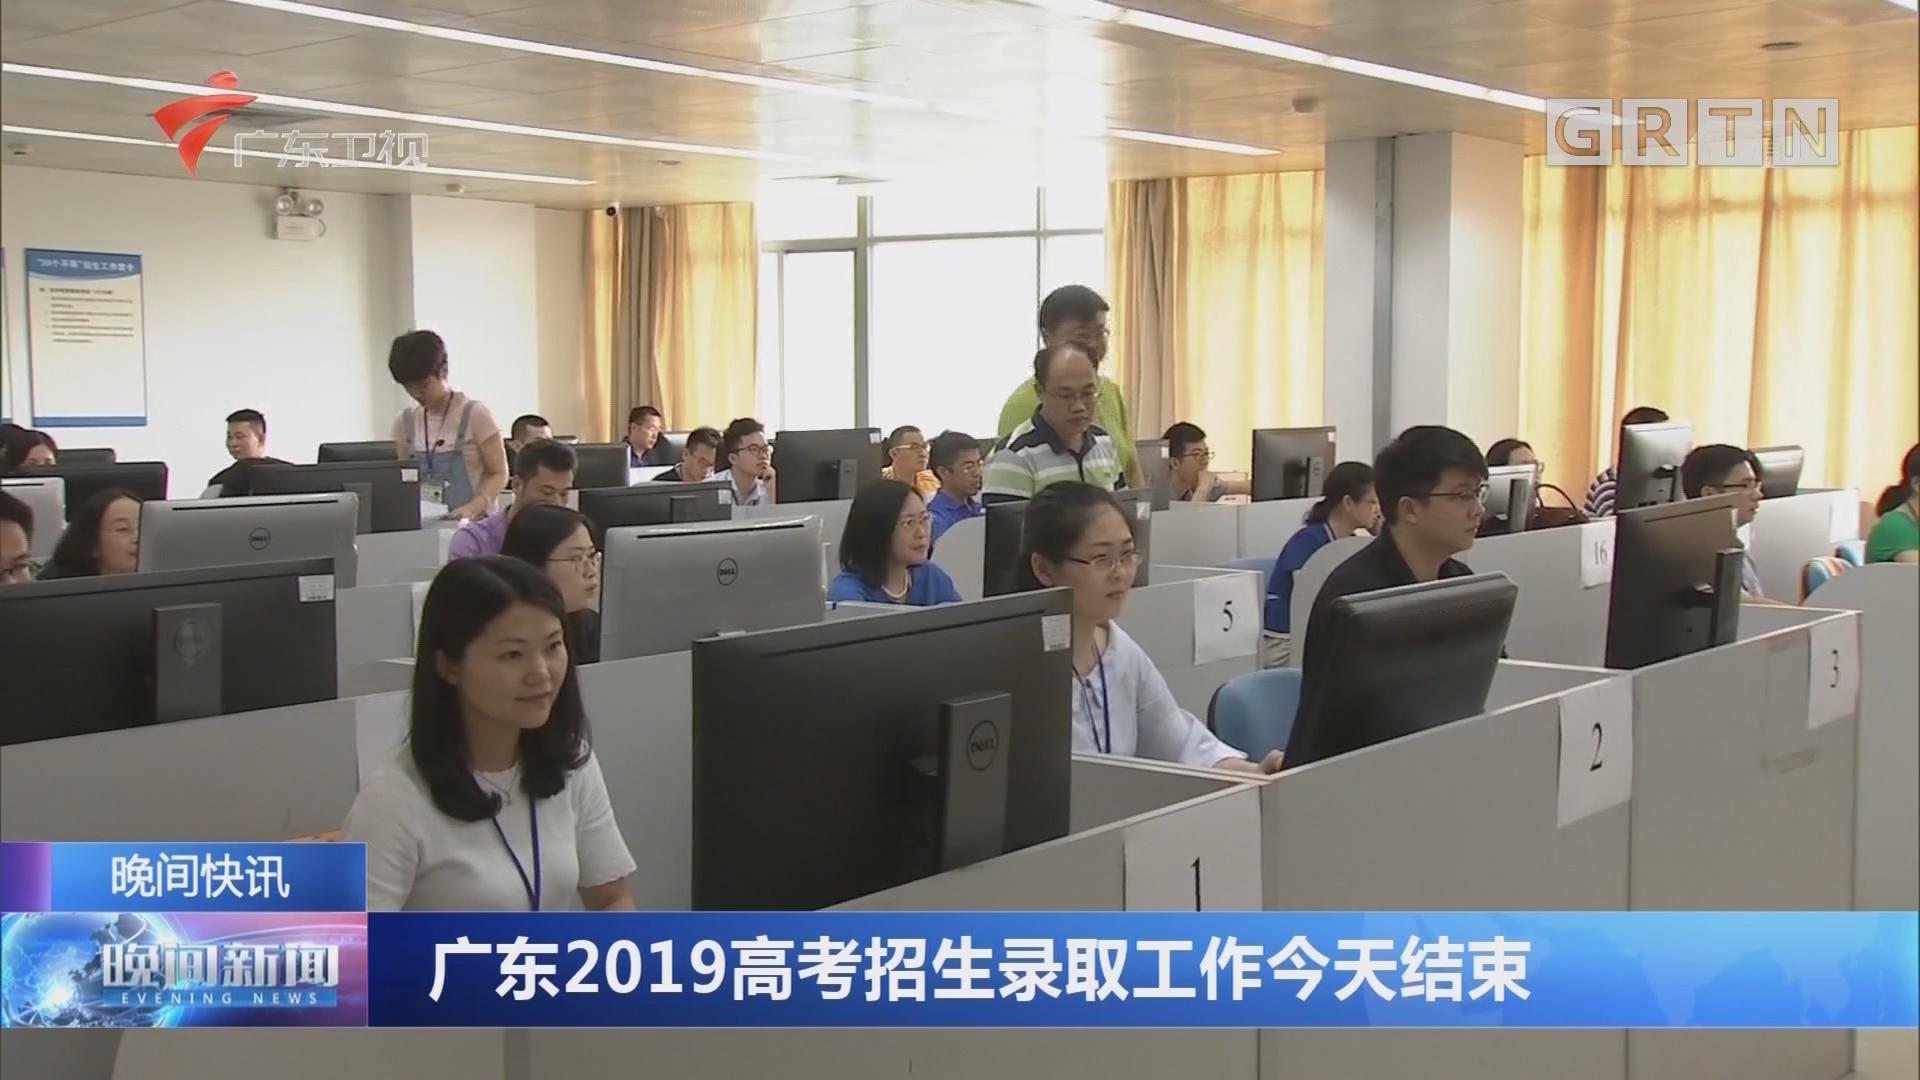 广东2019高考招生录取工作今天结束